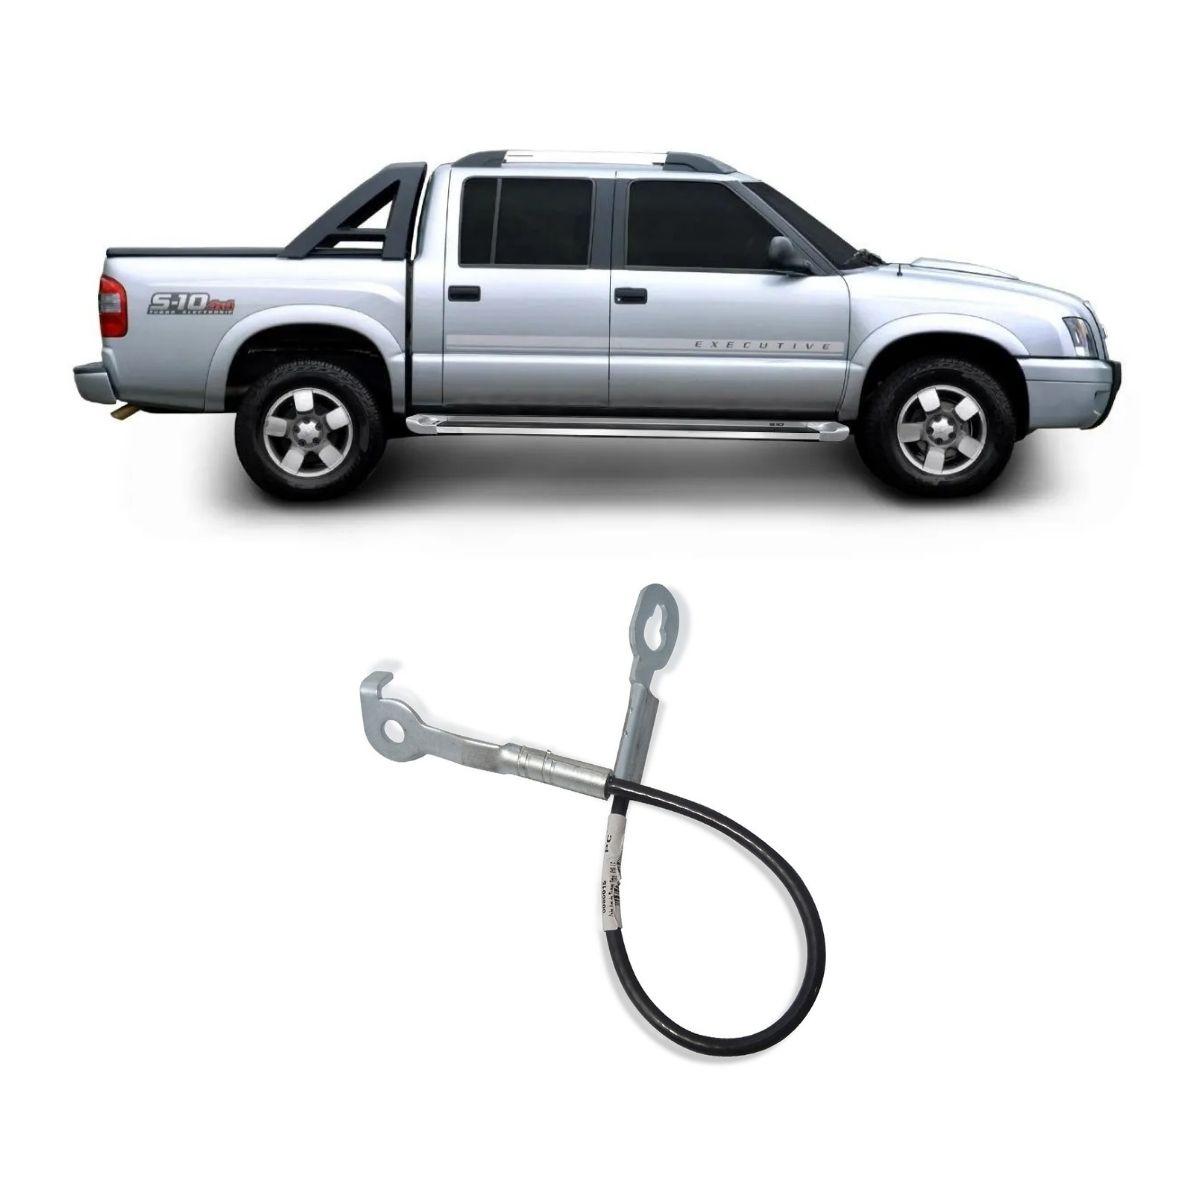 Cabo Tampa Traseira Direito Chevrolet S10 Até 2000 438mm